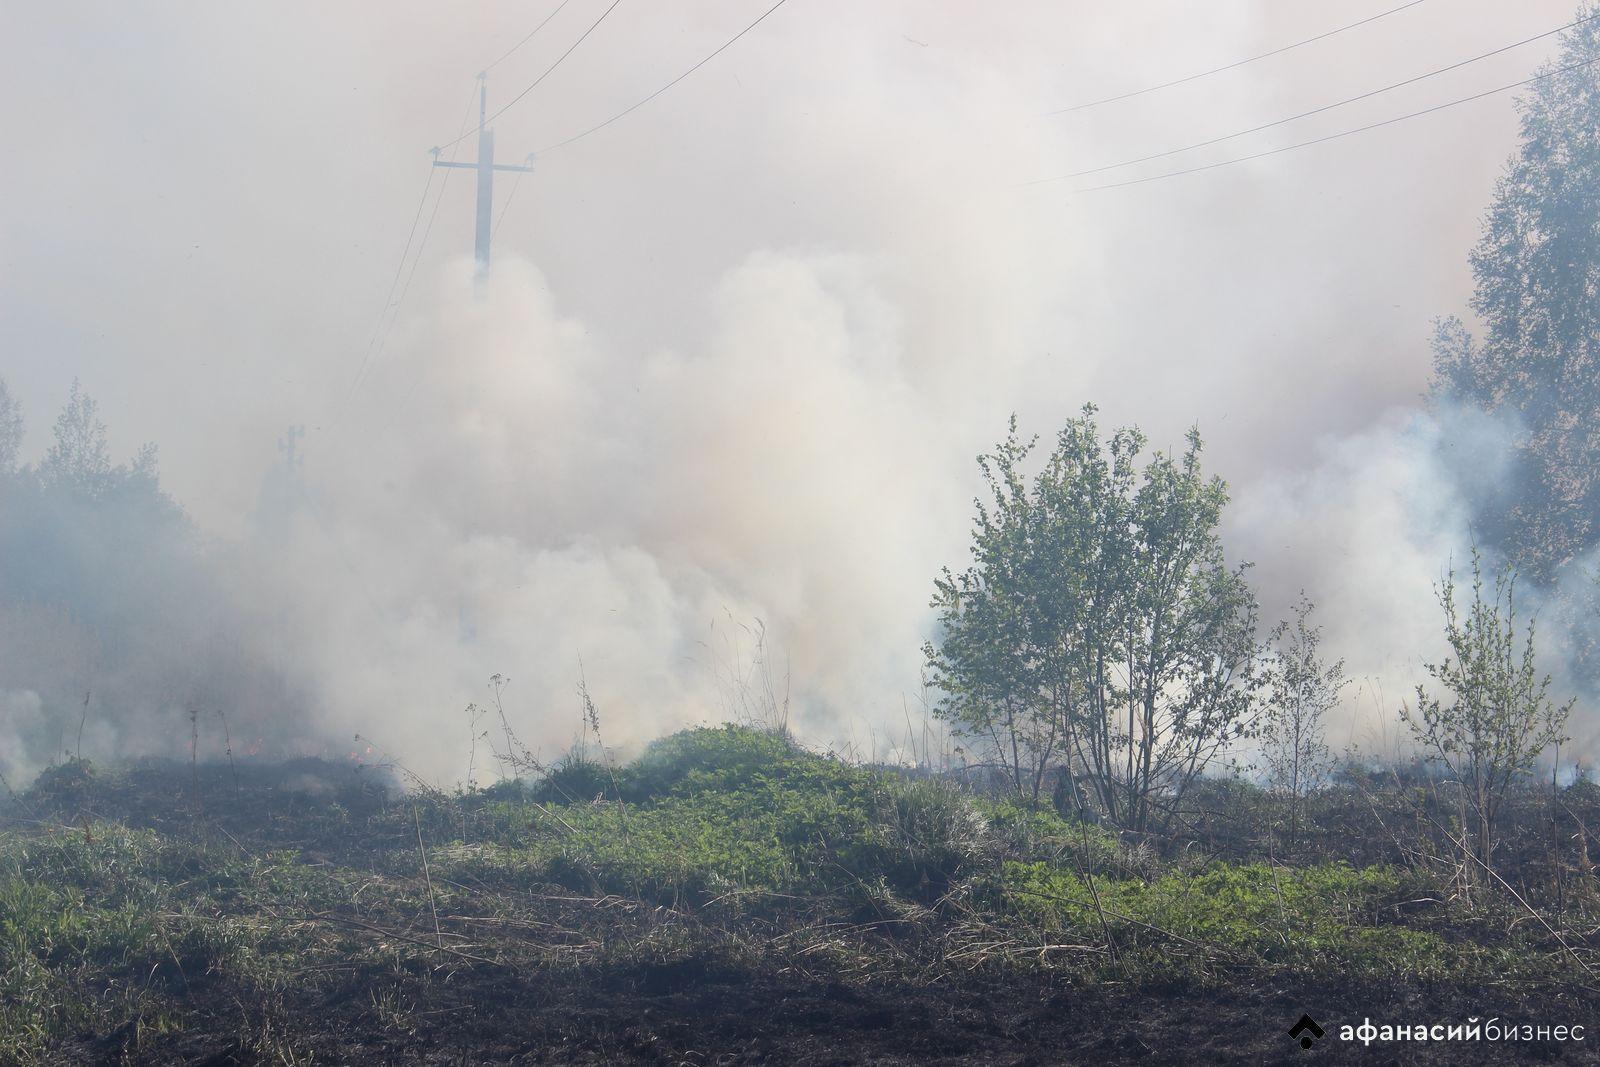 Отделения нескольких пожарных частей борются с огнем на поле в деревне Тверской области - новости Афанасий